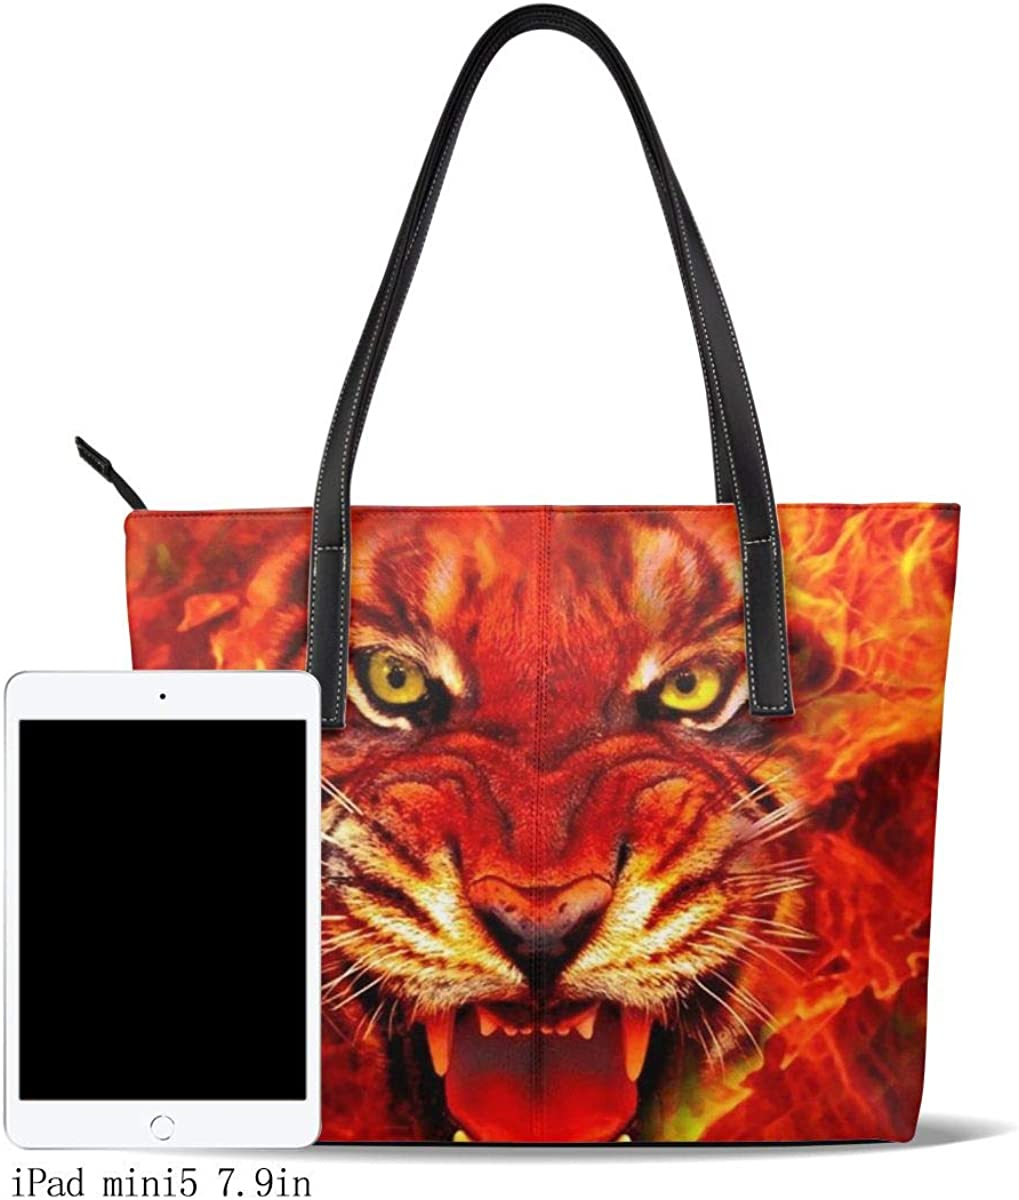 Shoulder Bag Backpack Handle Satchel Man Shoulder Bag Purse Messenger Bags Womens Leather Tote Bags Tiger Head Printing Handbag Organizer